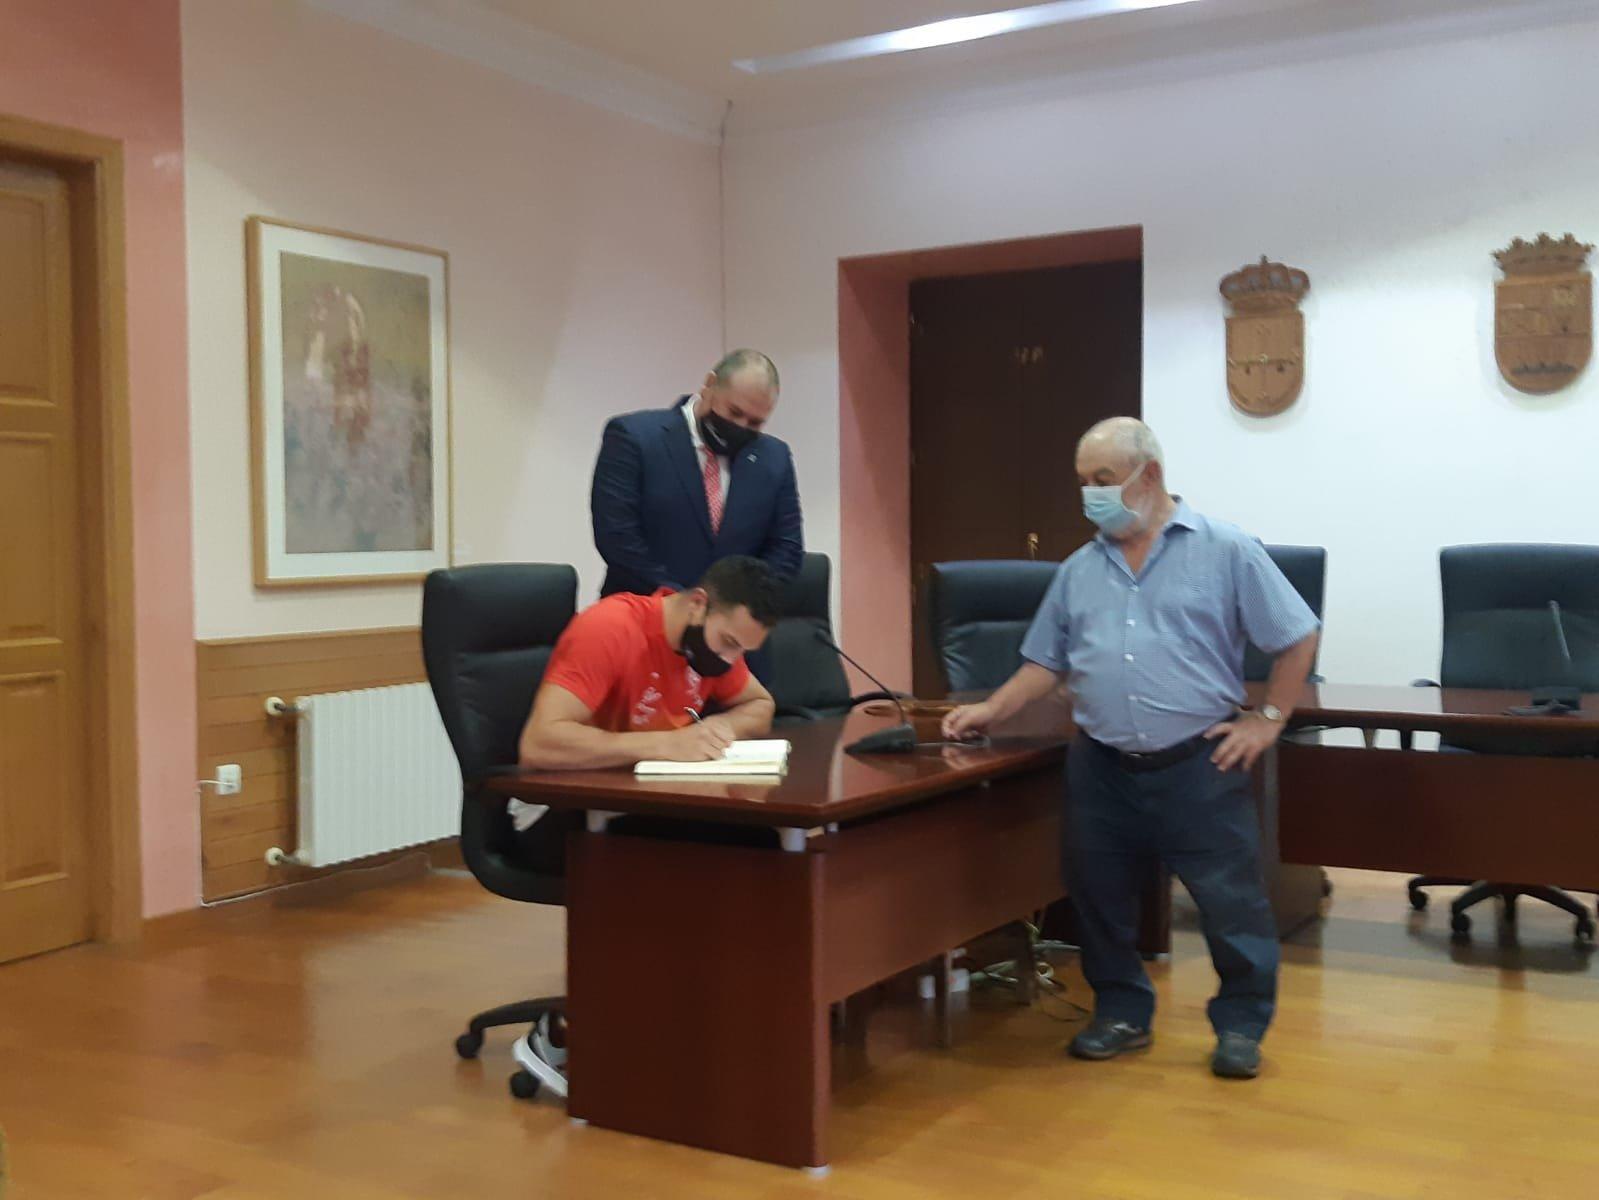 Recepción Oficial en el Ayuntamiento de Vegadeo al remero Iván Rico por el bronce conseguido en el Europeo Sub-23